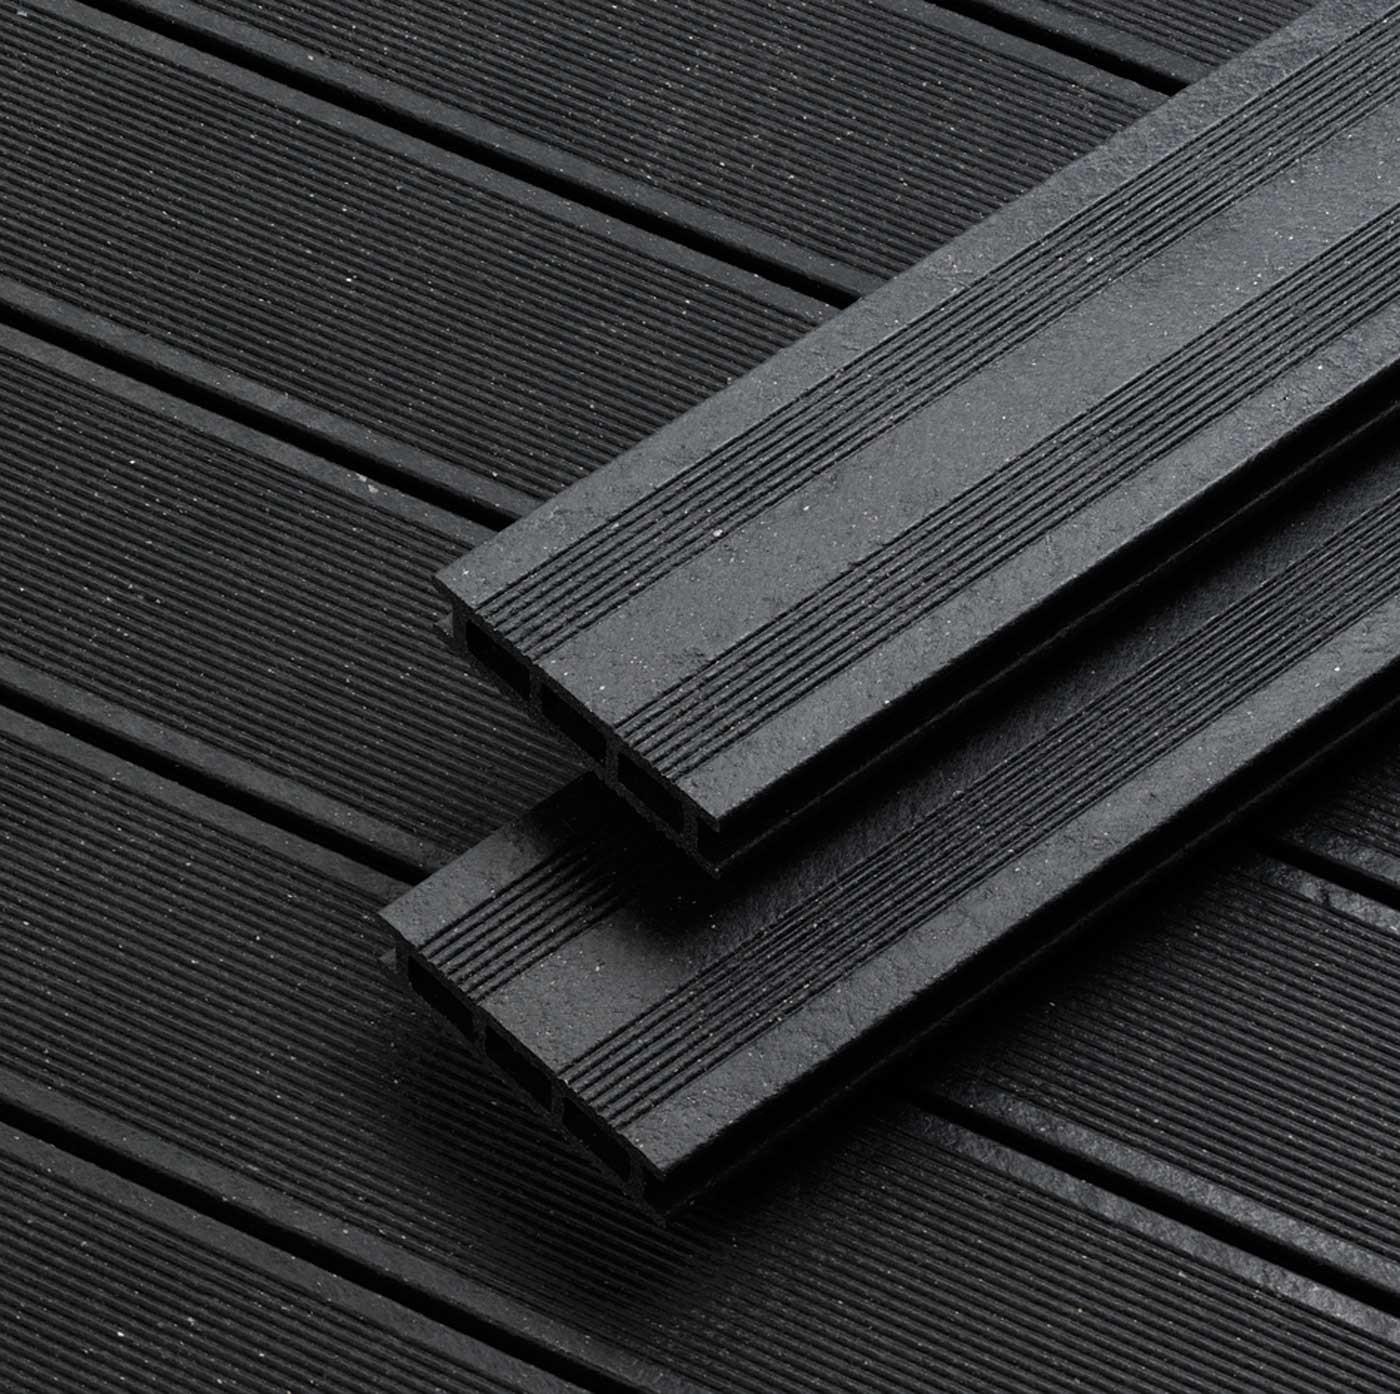 lame composite noire 12 75 x 240 x 2 8. Black Bedroom Furniture Sets. Home Design Ideas